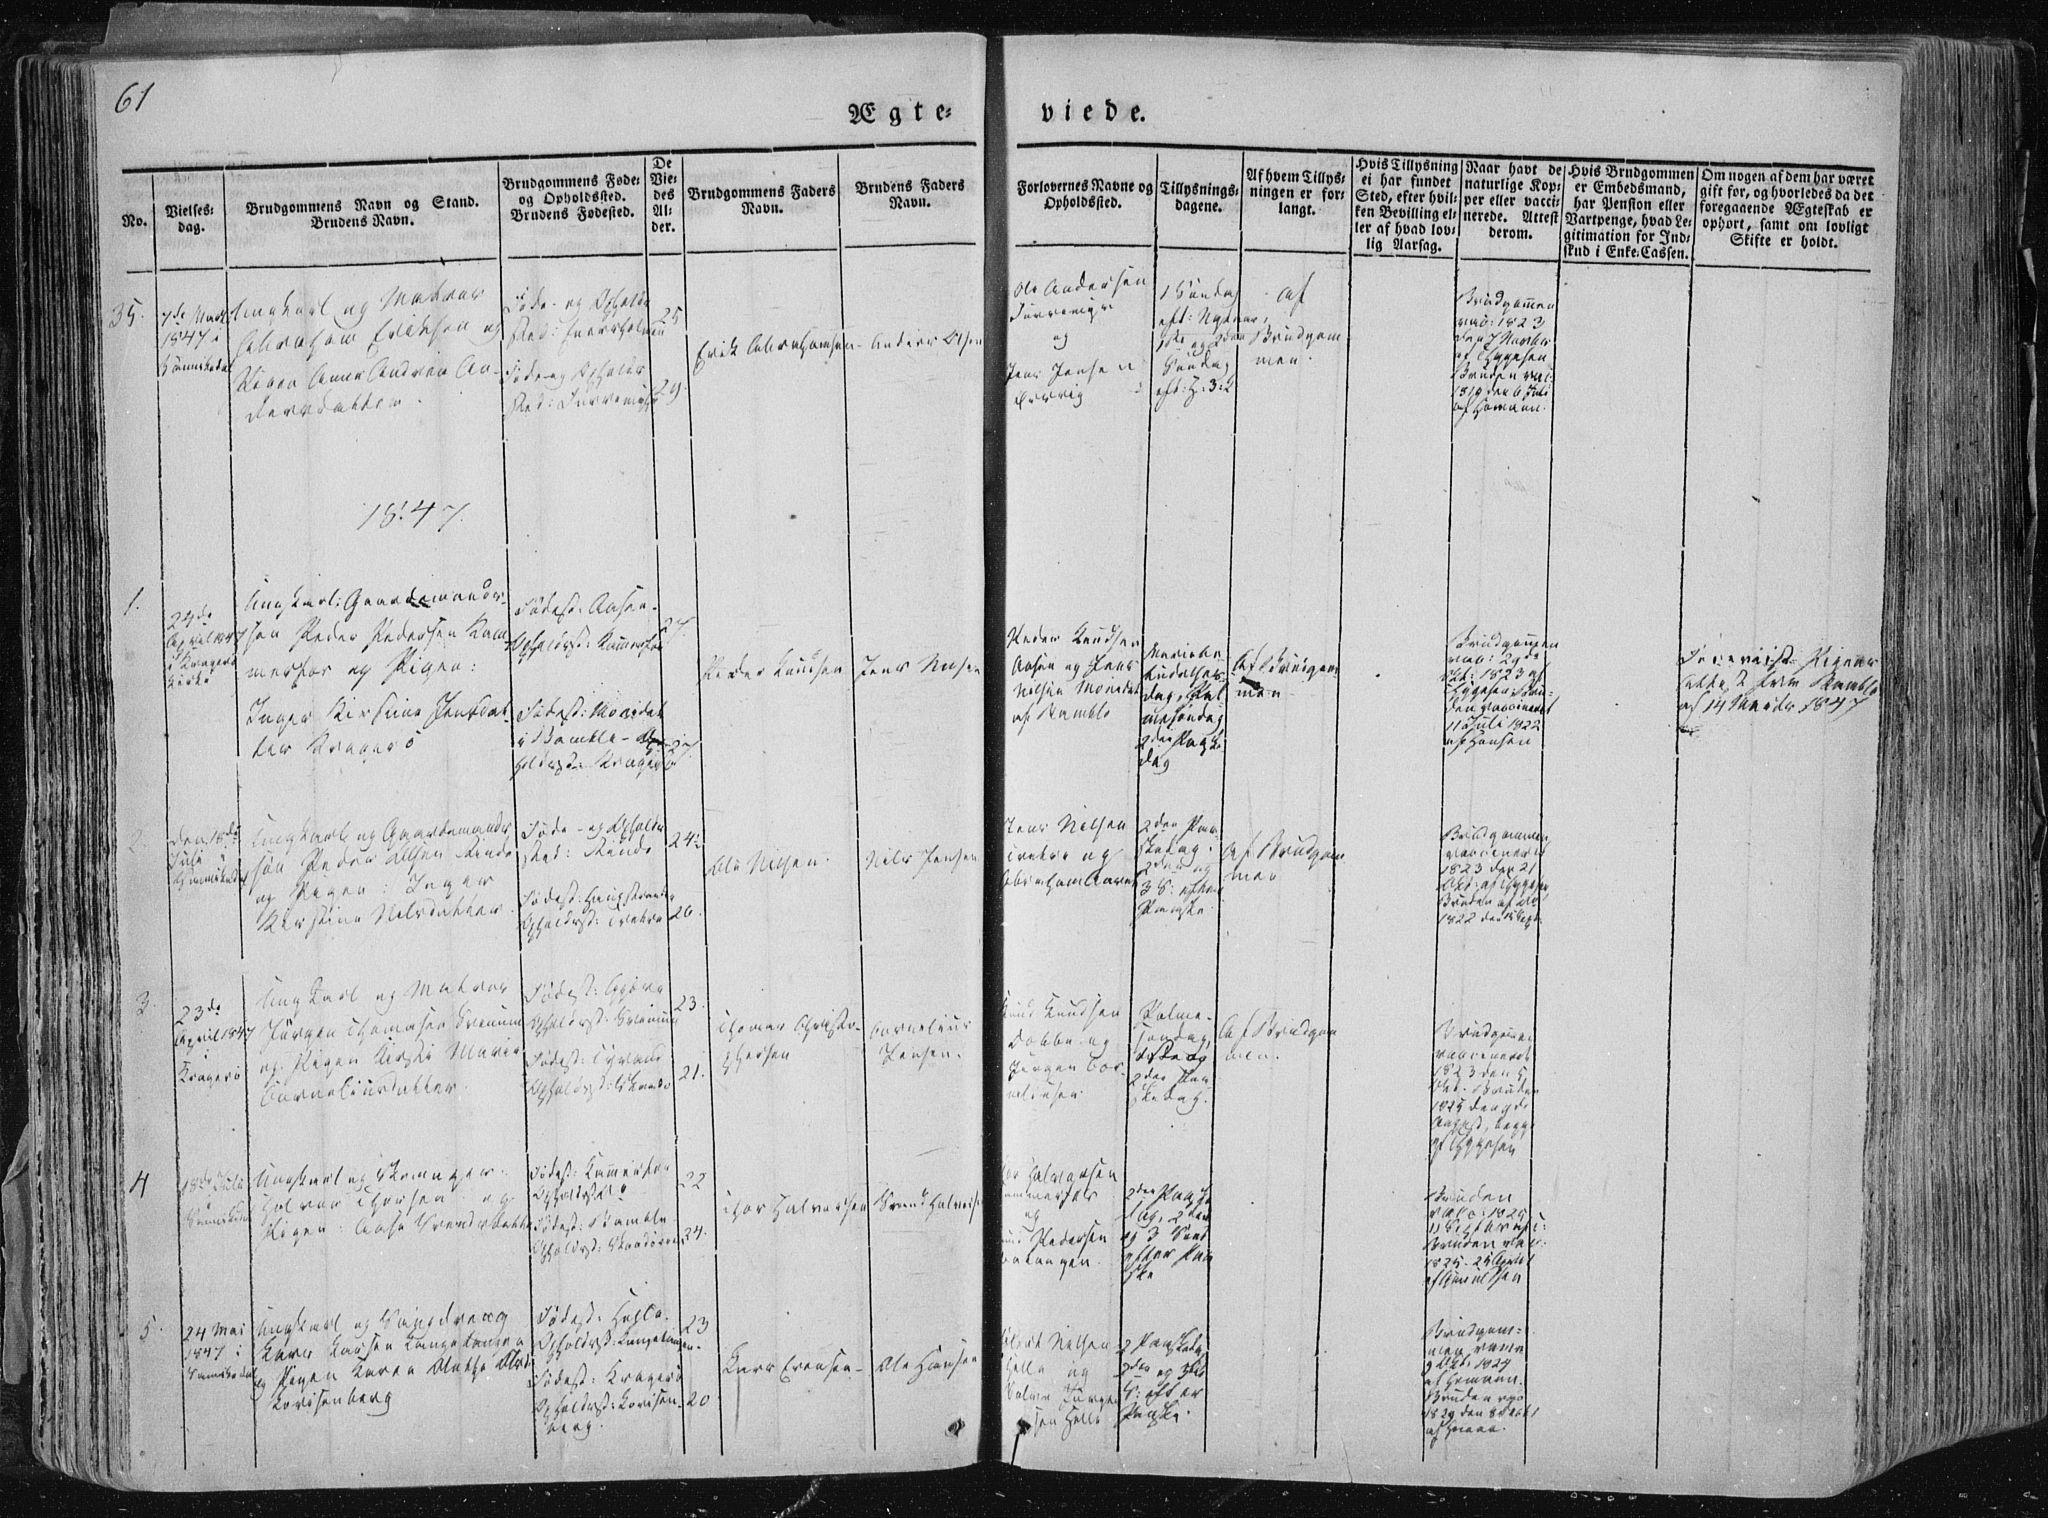 SAKO, Sannidal kirkebøker, F/Fa/L0007: Ministerialbok nr. 7, 1831-1854, s. 61